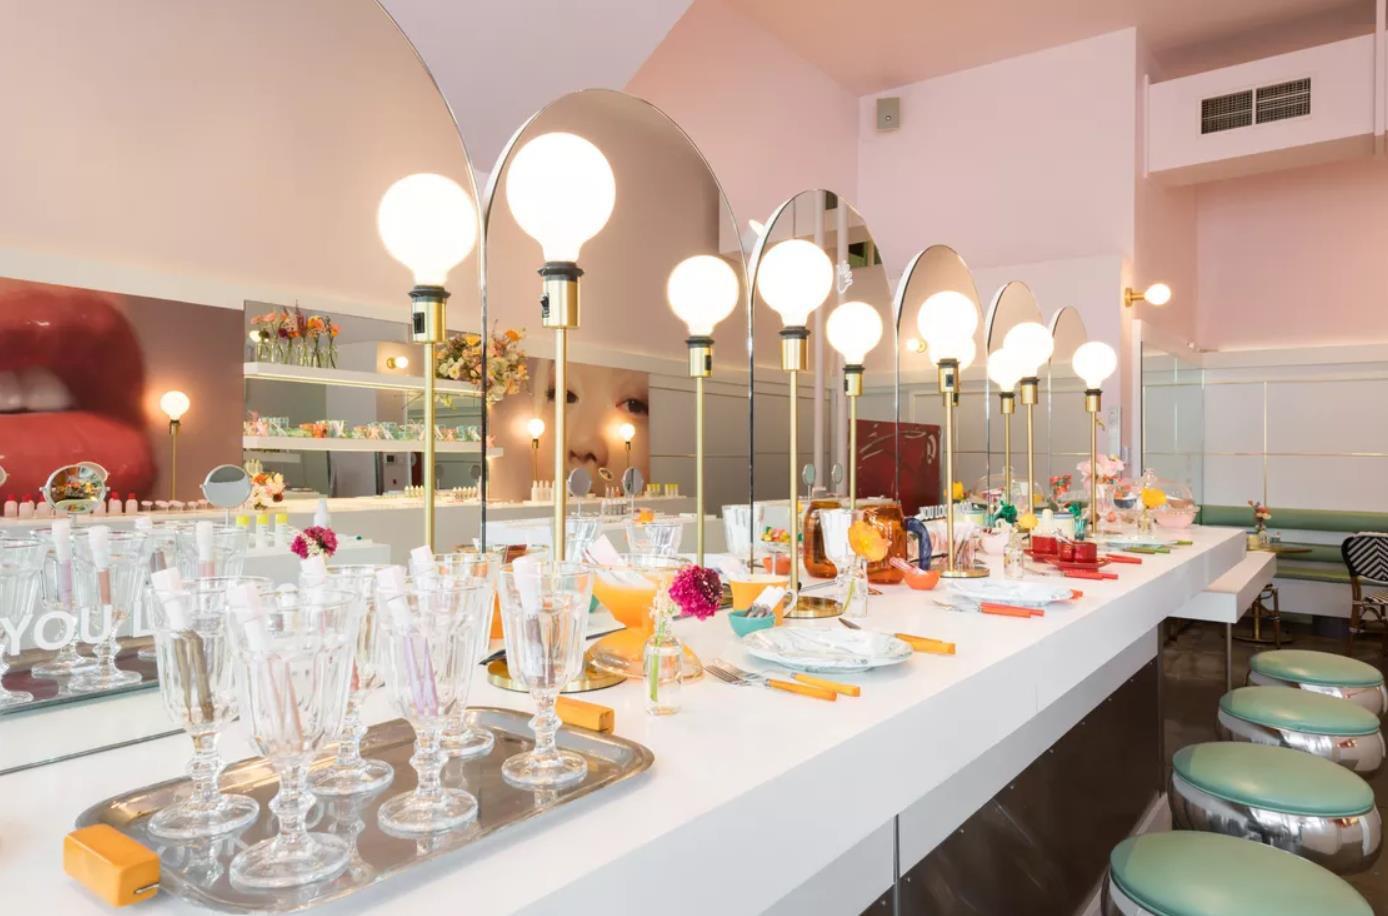 Pop-up store: Nơi chị em có thể thảnh thơi nhâm nhi café và tận hưởng phong cách làm đẹp chuyên nghiệp - Ảnh 1.